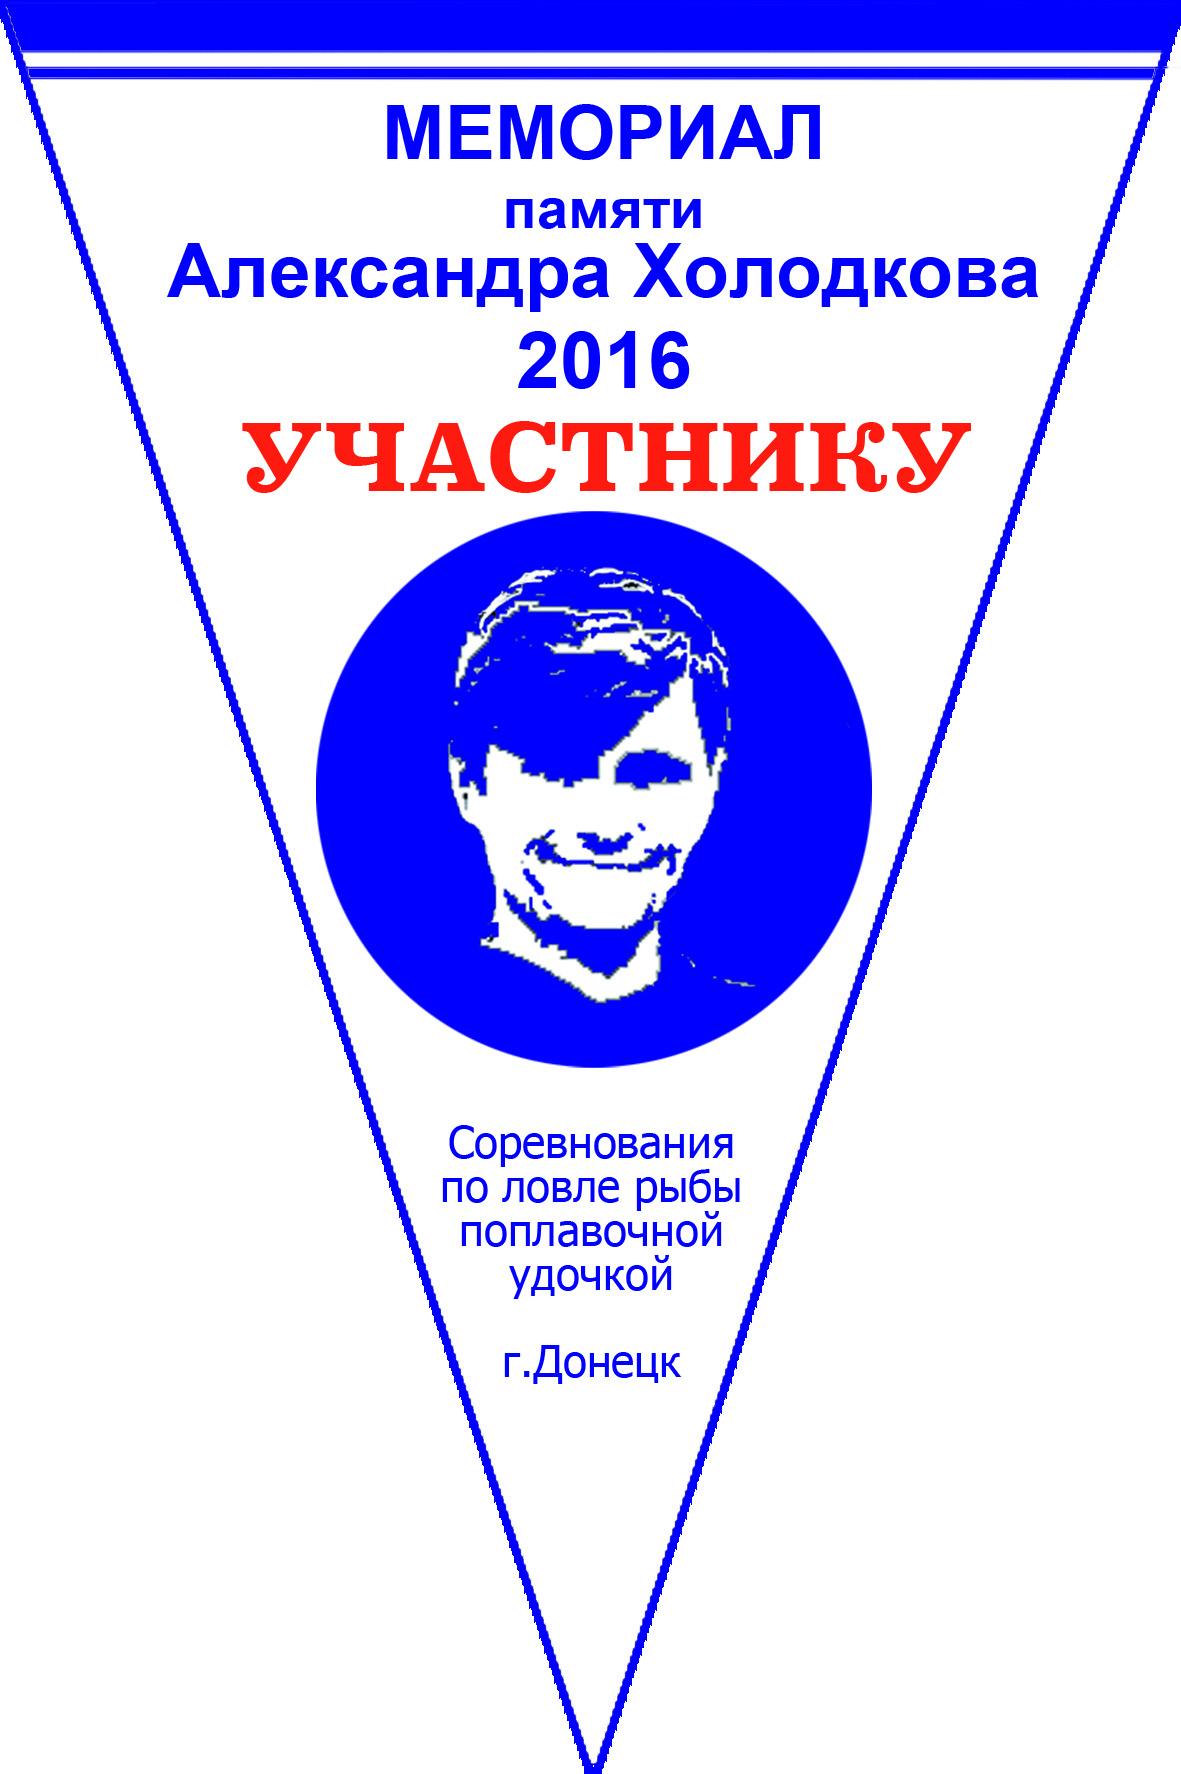 http://sh.uploads.ru/3ZvKs.jpg